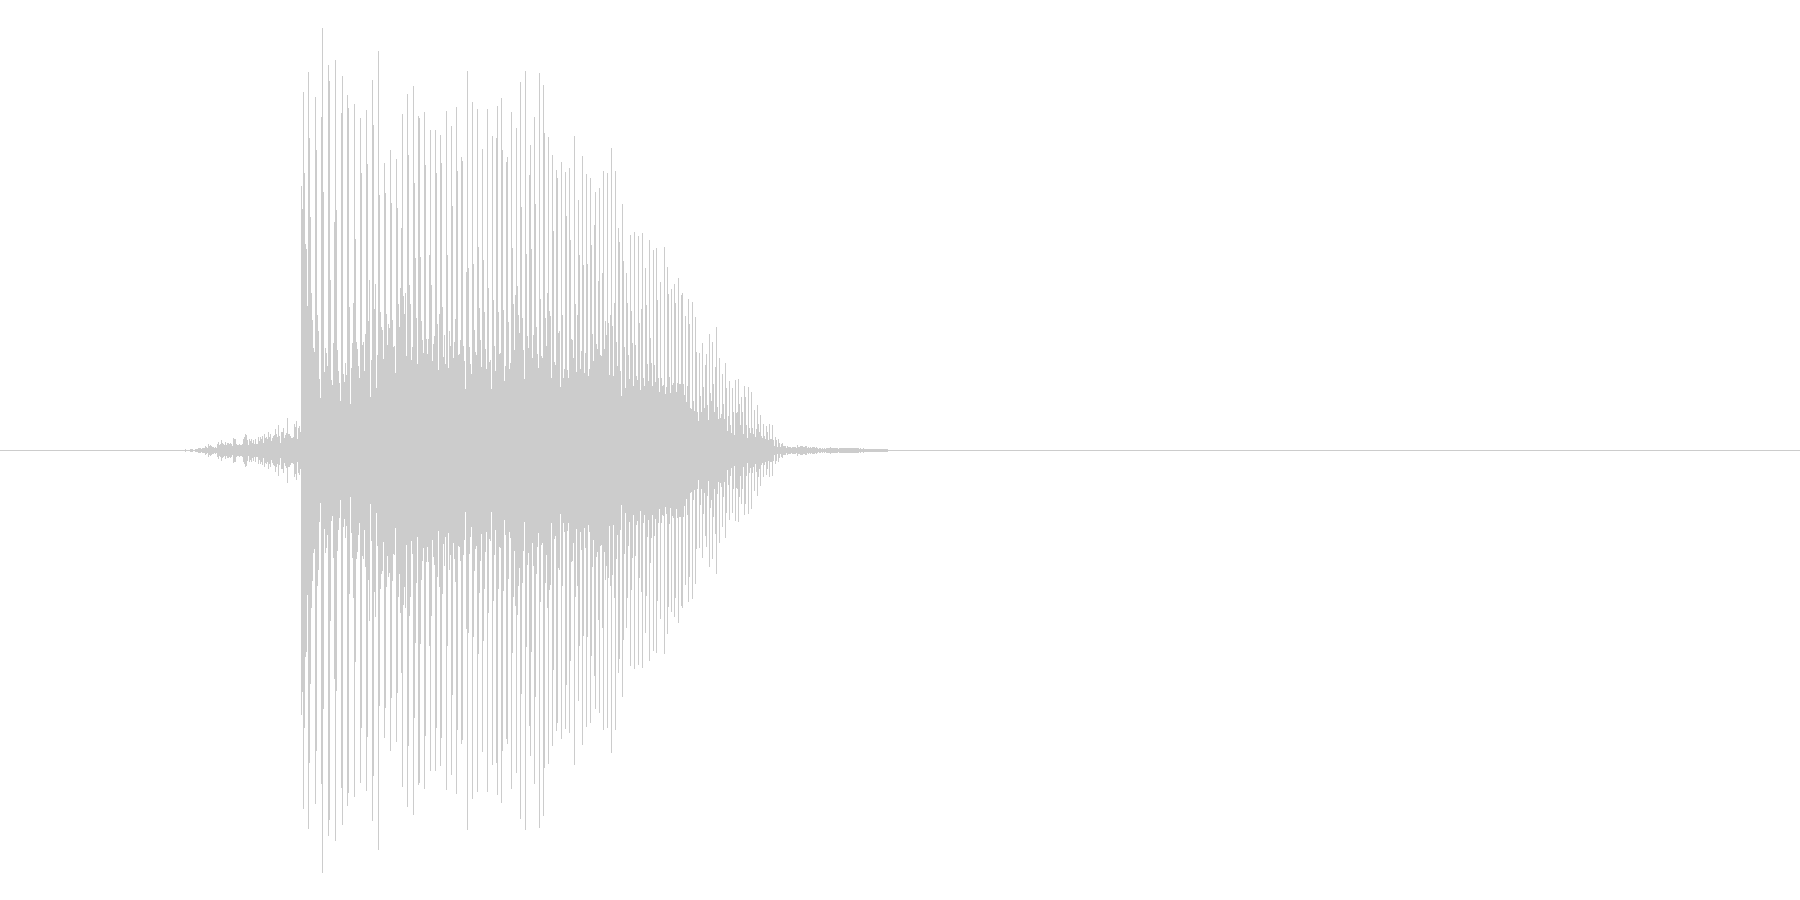 ゲーム(ファミコン風)ジャンプ音_005の未再生の波形